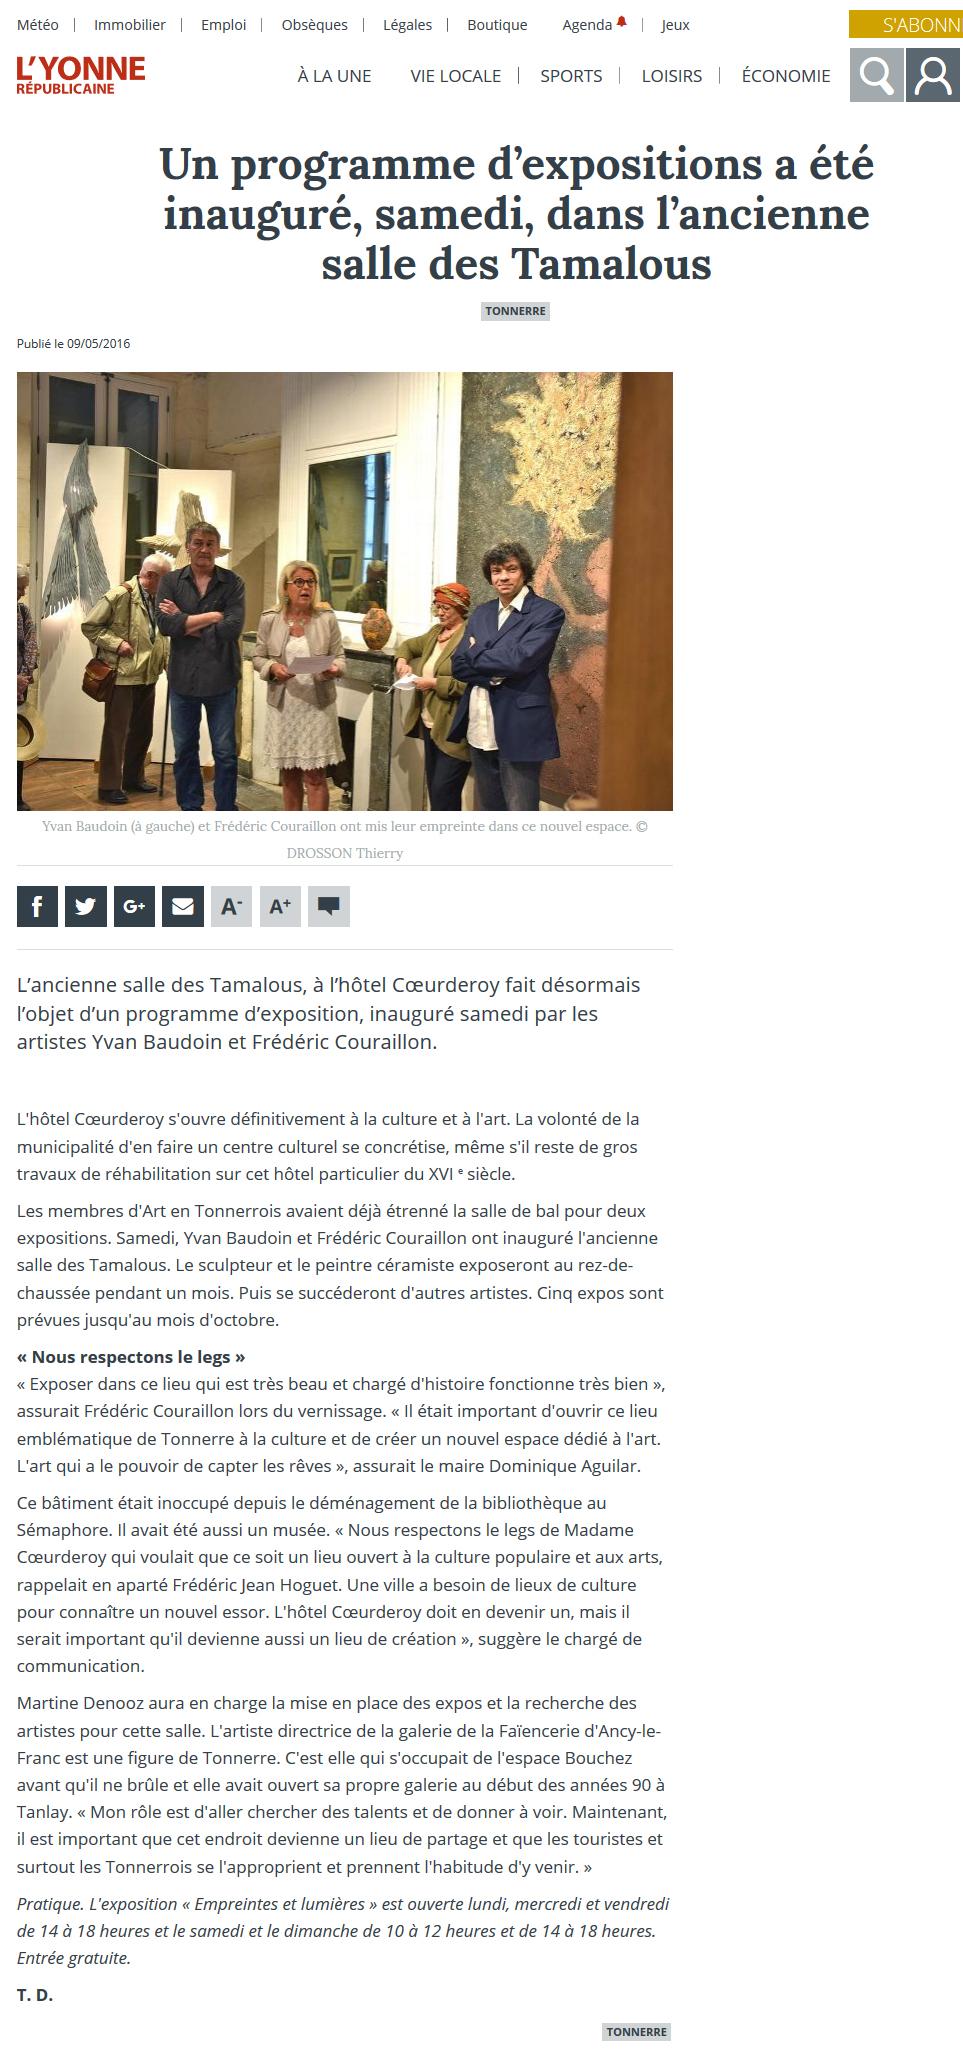 L'Yonne républicaine - 9 mai 2016